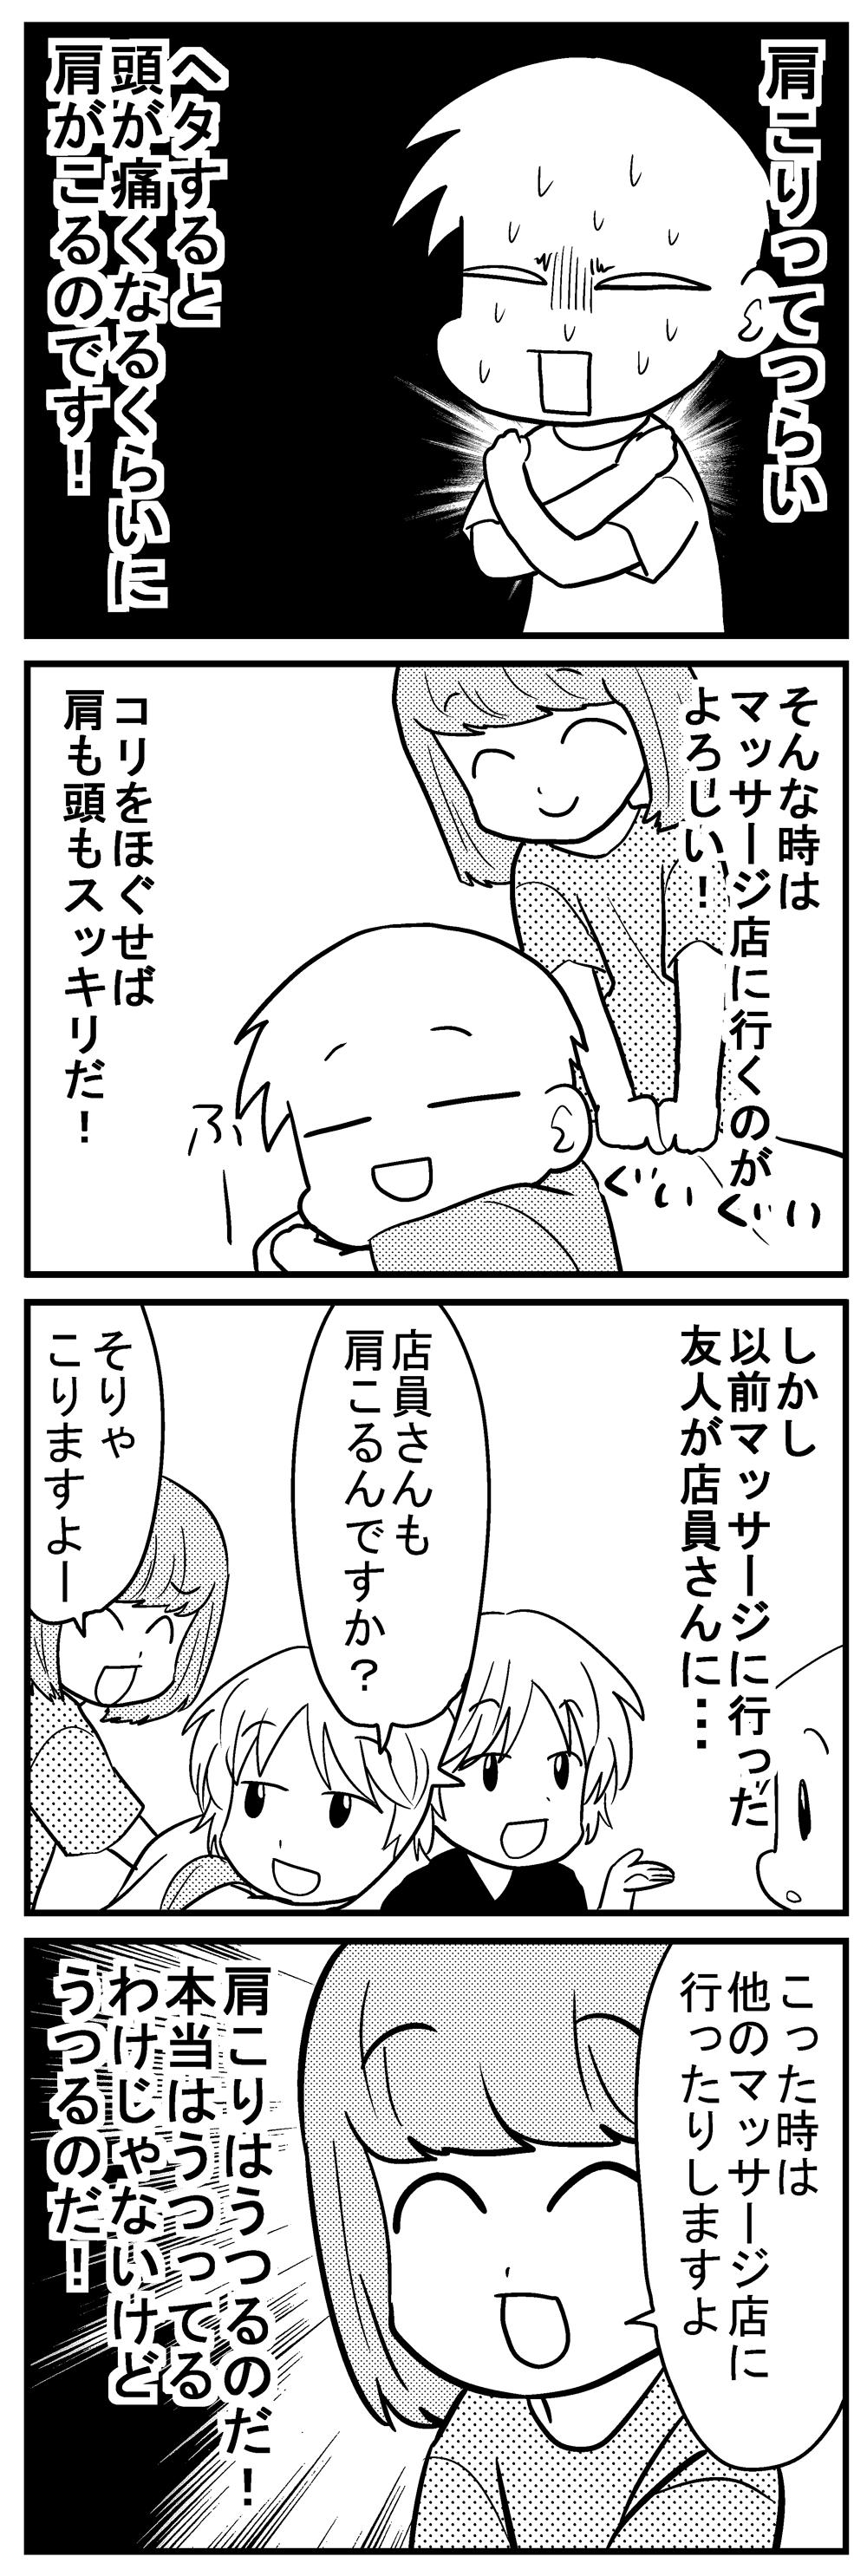 深読みくん90-1